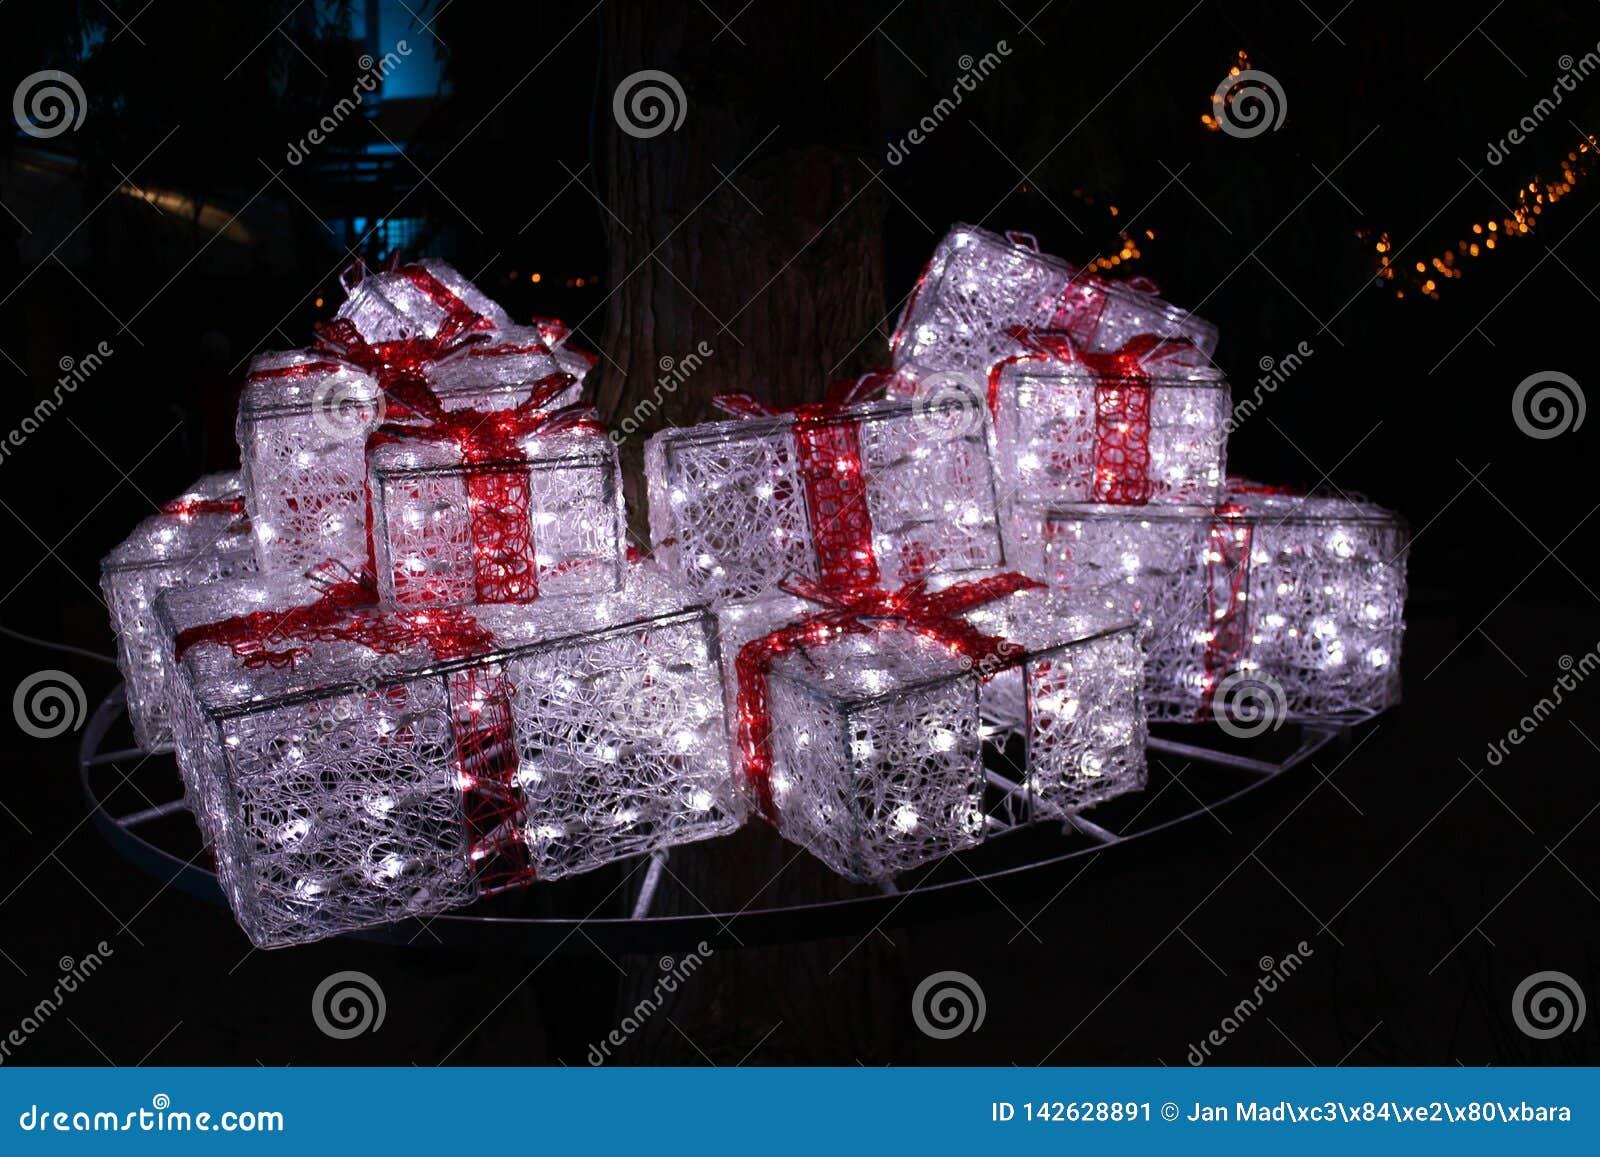 Подарки без сюрприза